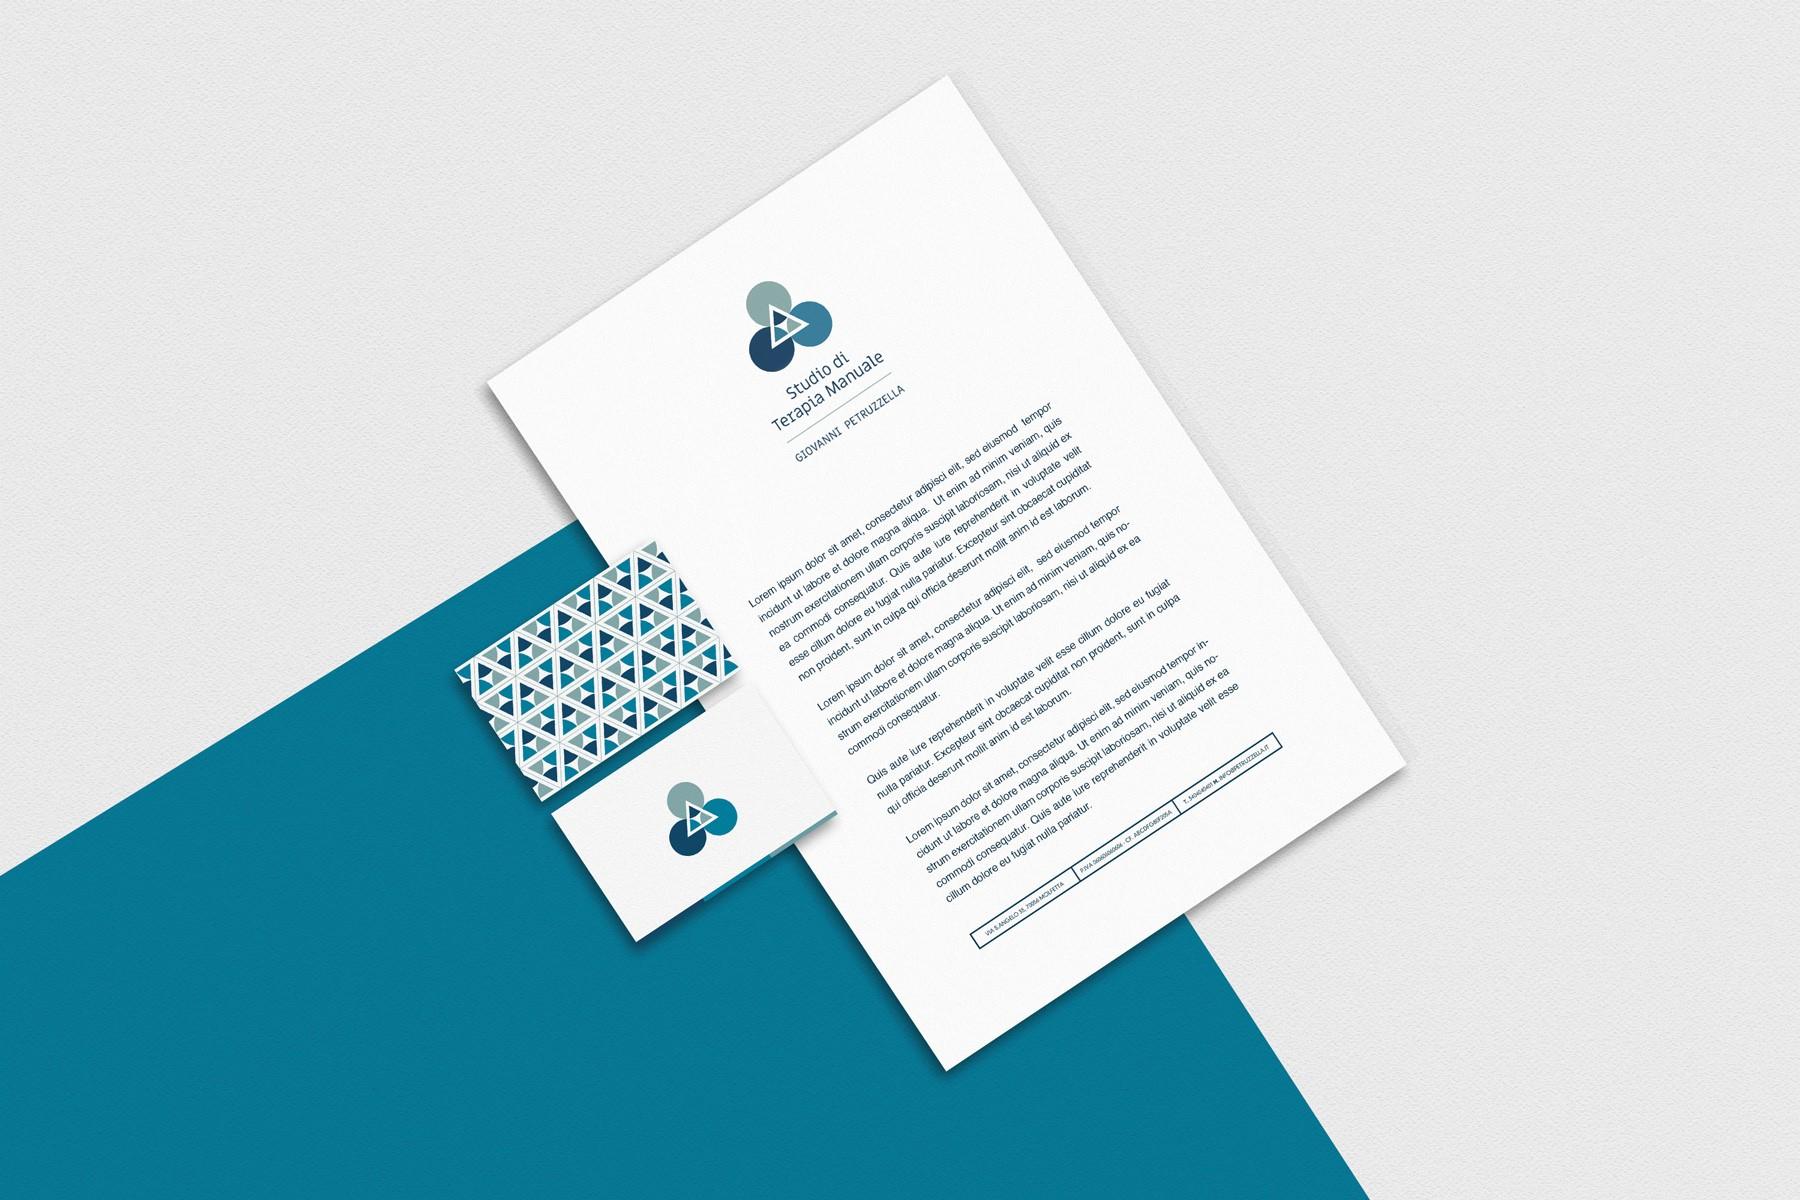 Grafica e progetto di identità per lo per tudio Terapia Manuale Petruzzella Molfetta